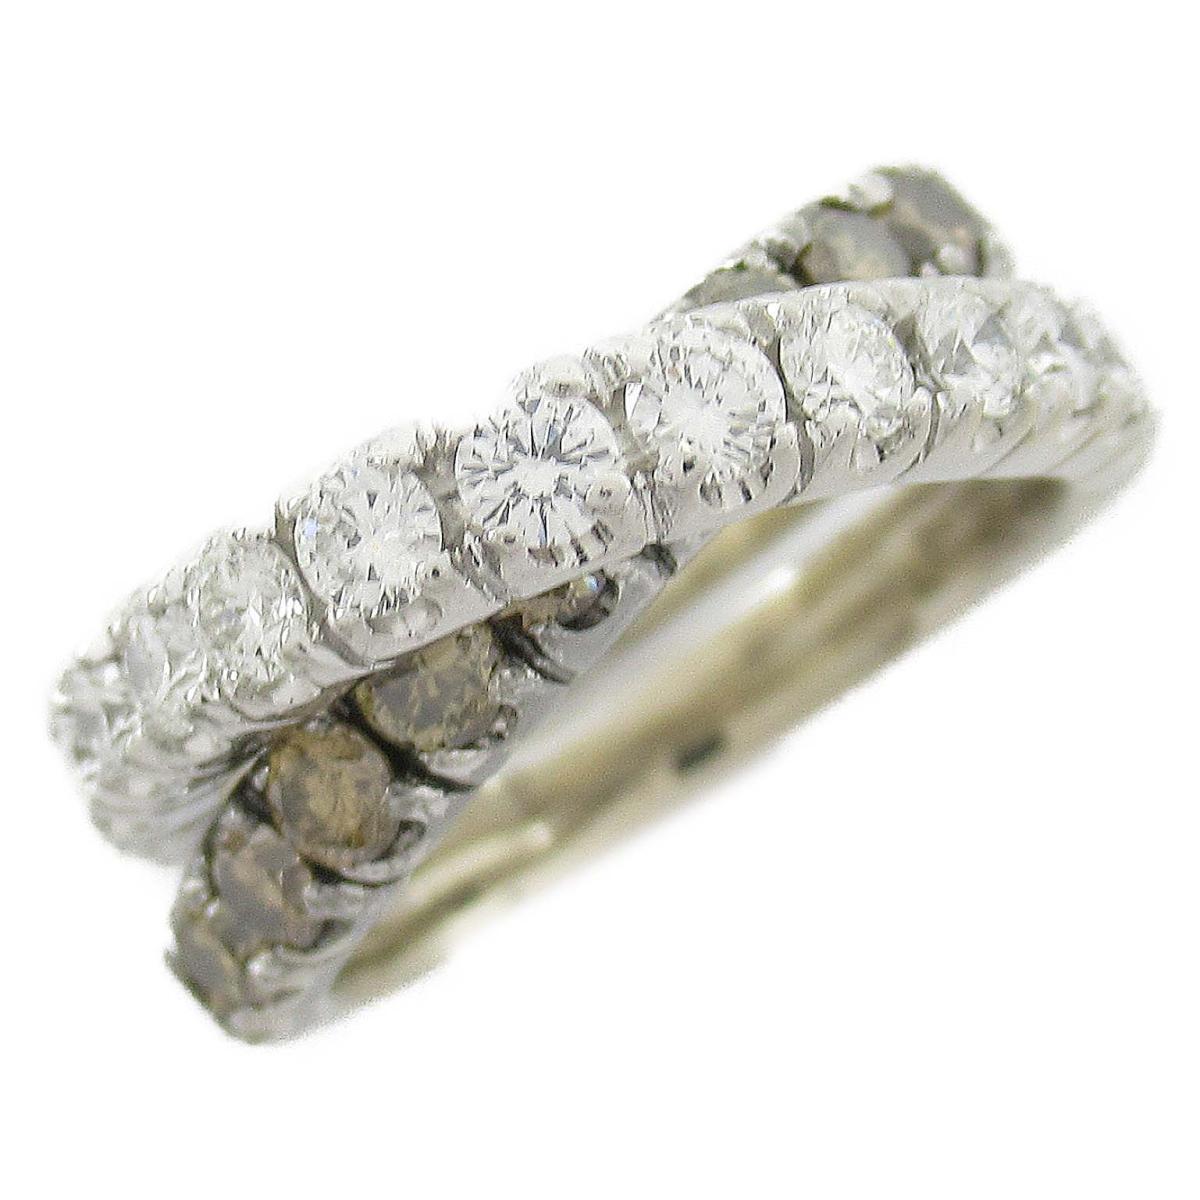 ジュエリー ダイヤモンド リング 指輪 ノーブランドジュエリー レディース 18KT x (1.00 / 0.85CT) 【中古】 | JEWELRY BRANDOFF ブランドオフ アクセサリー